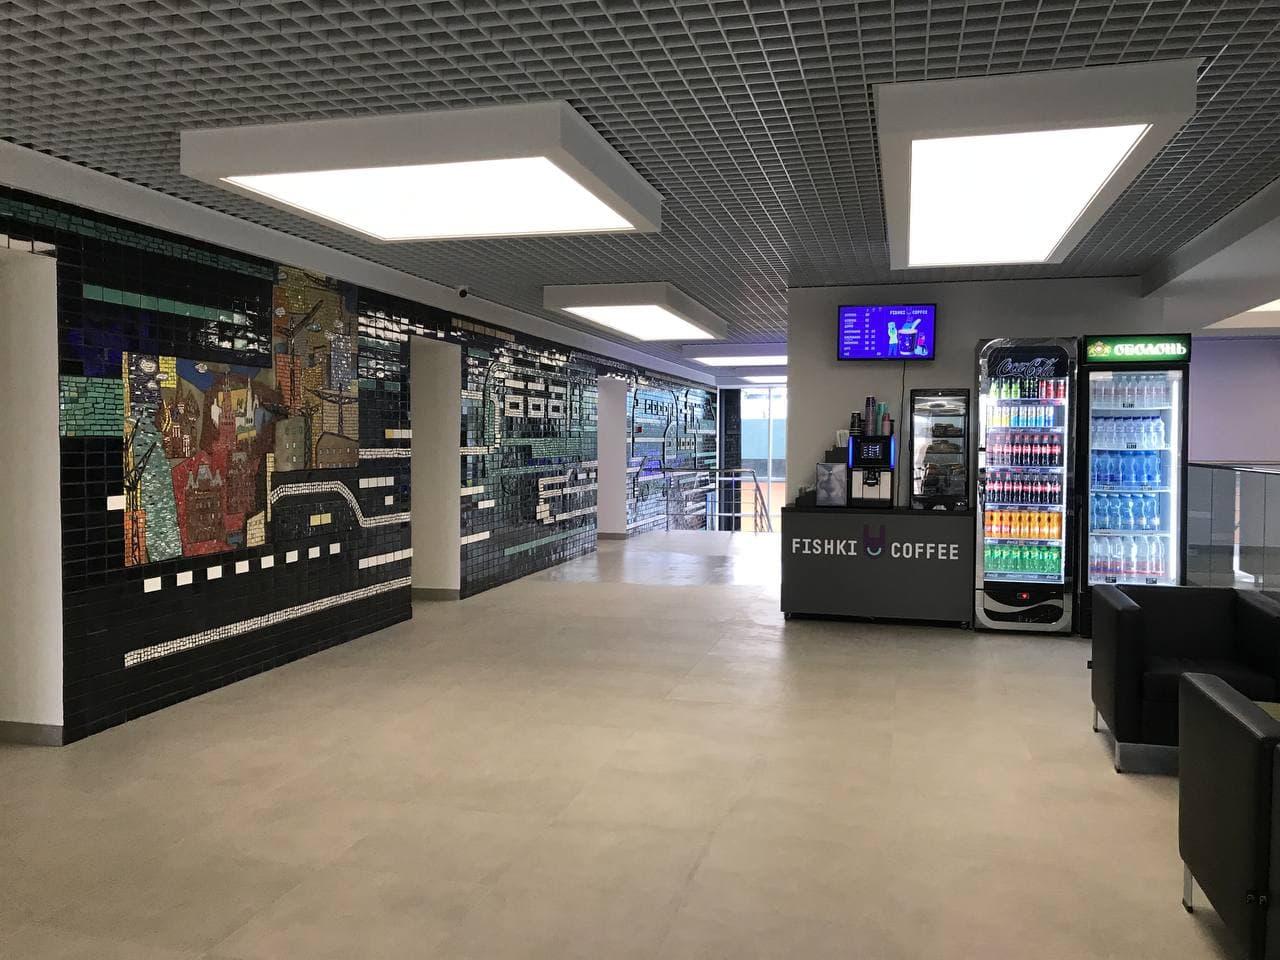 У Києві завершили реконструкцію Центрального автовокзалу